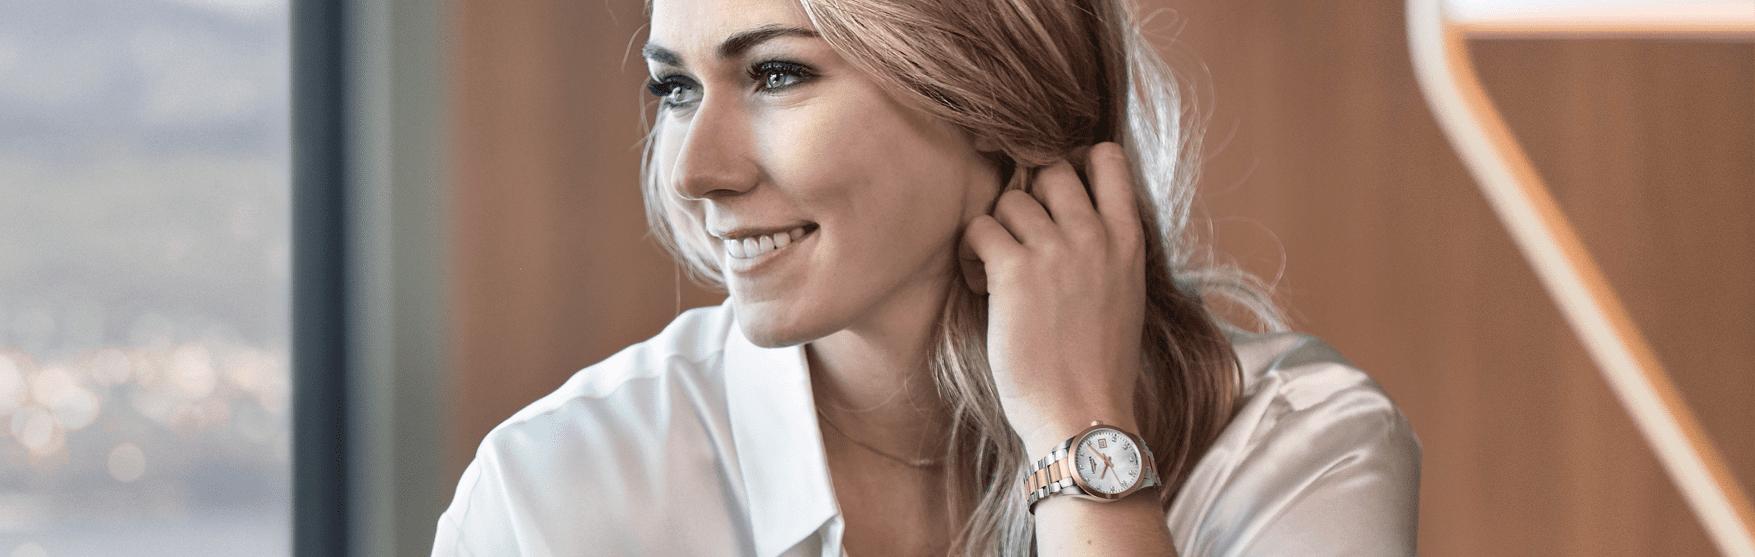 Damenuhren bei Juwelier Hilscher